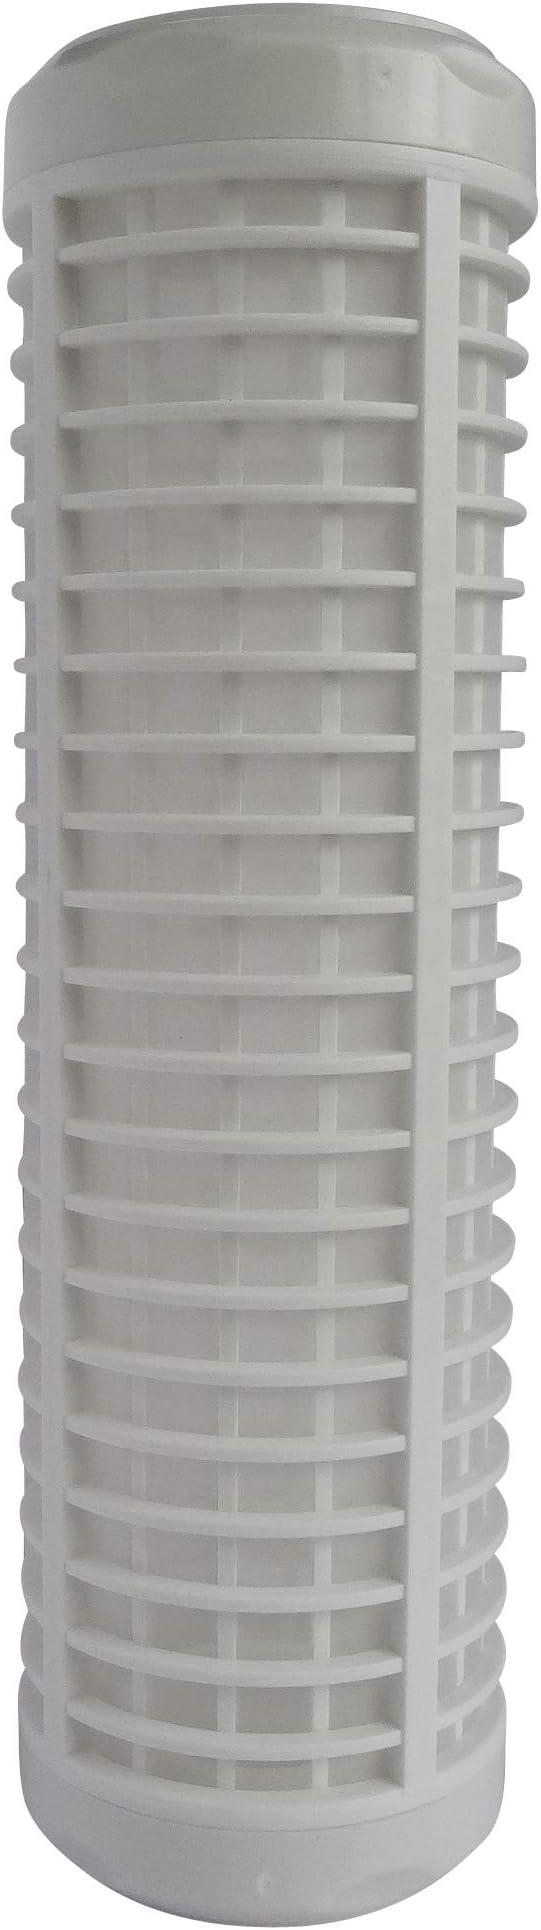 60 opinioni per AQUAWATER 3700350801537 Cartuccia del Filtro Lavabile 50μ-Formato Standard